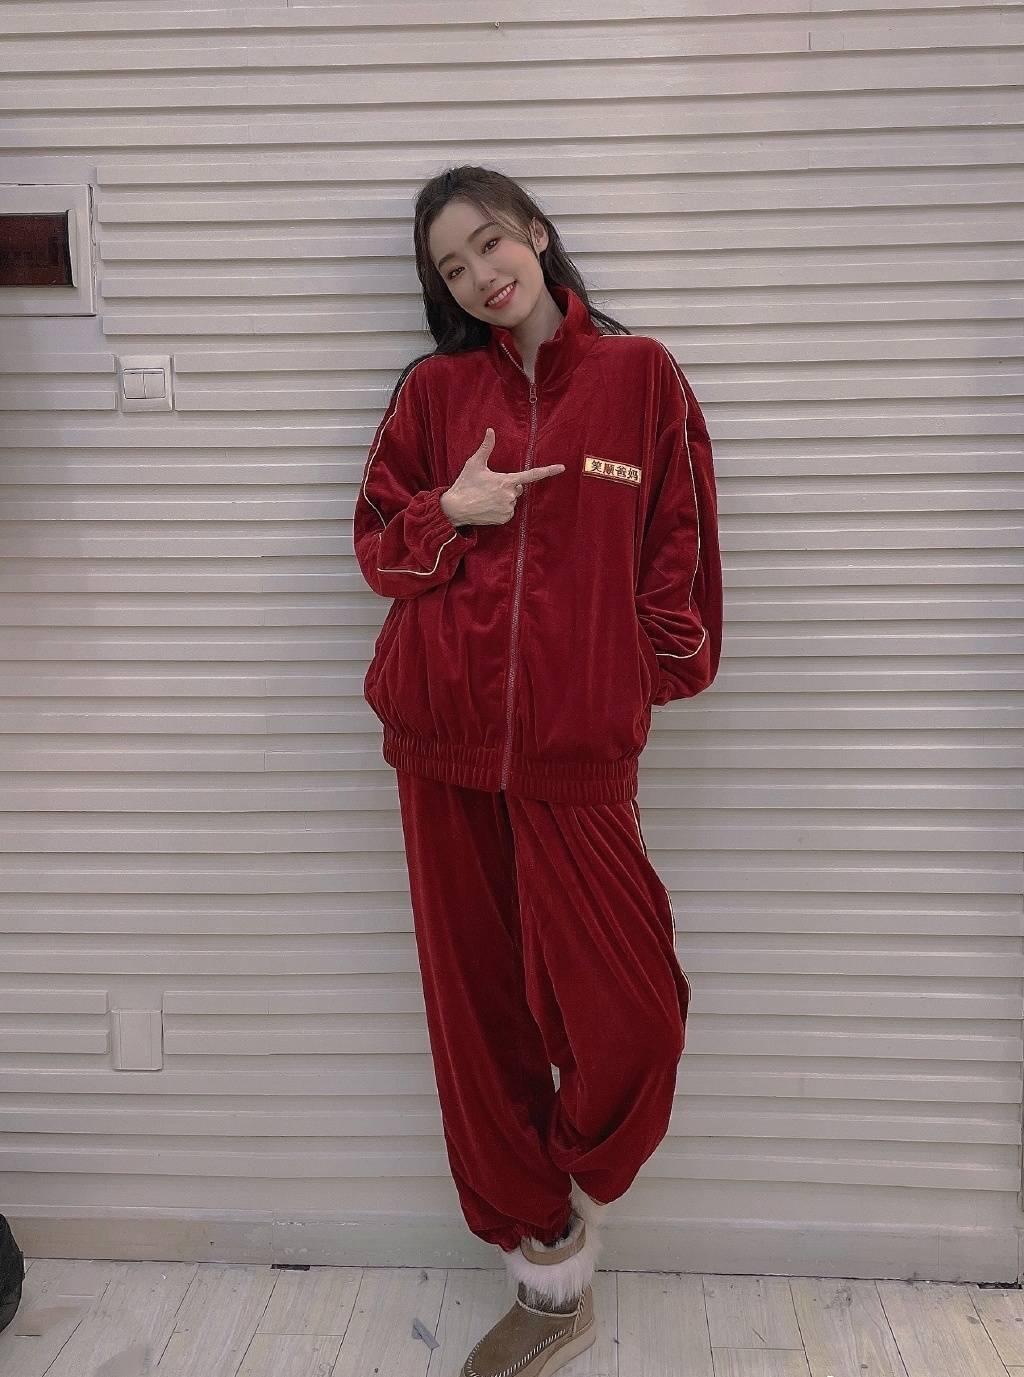 35岁张小斐爆红背后,穿着也从Zara到Prada一路飙升!